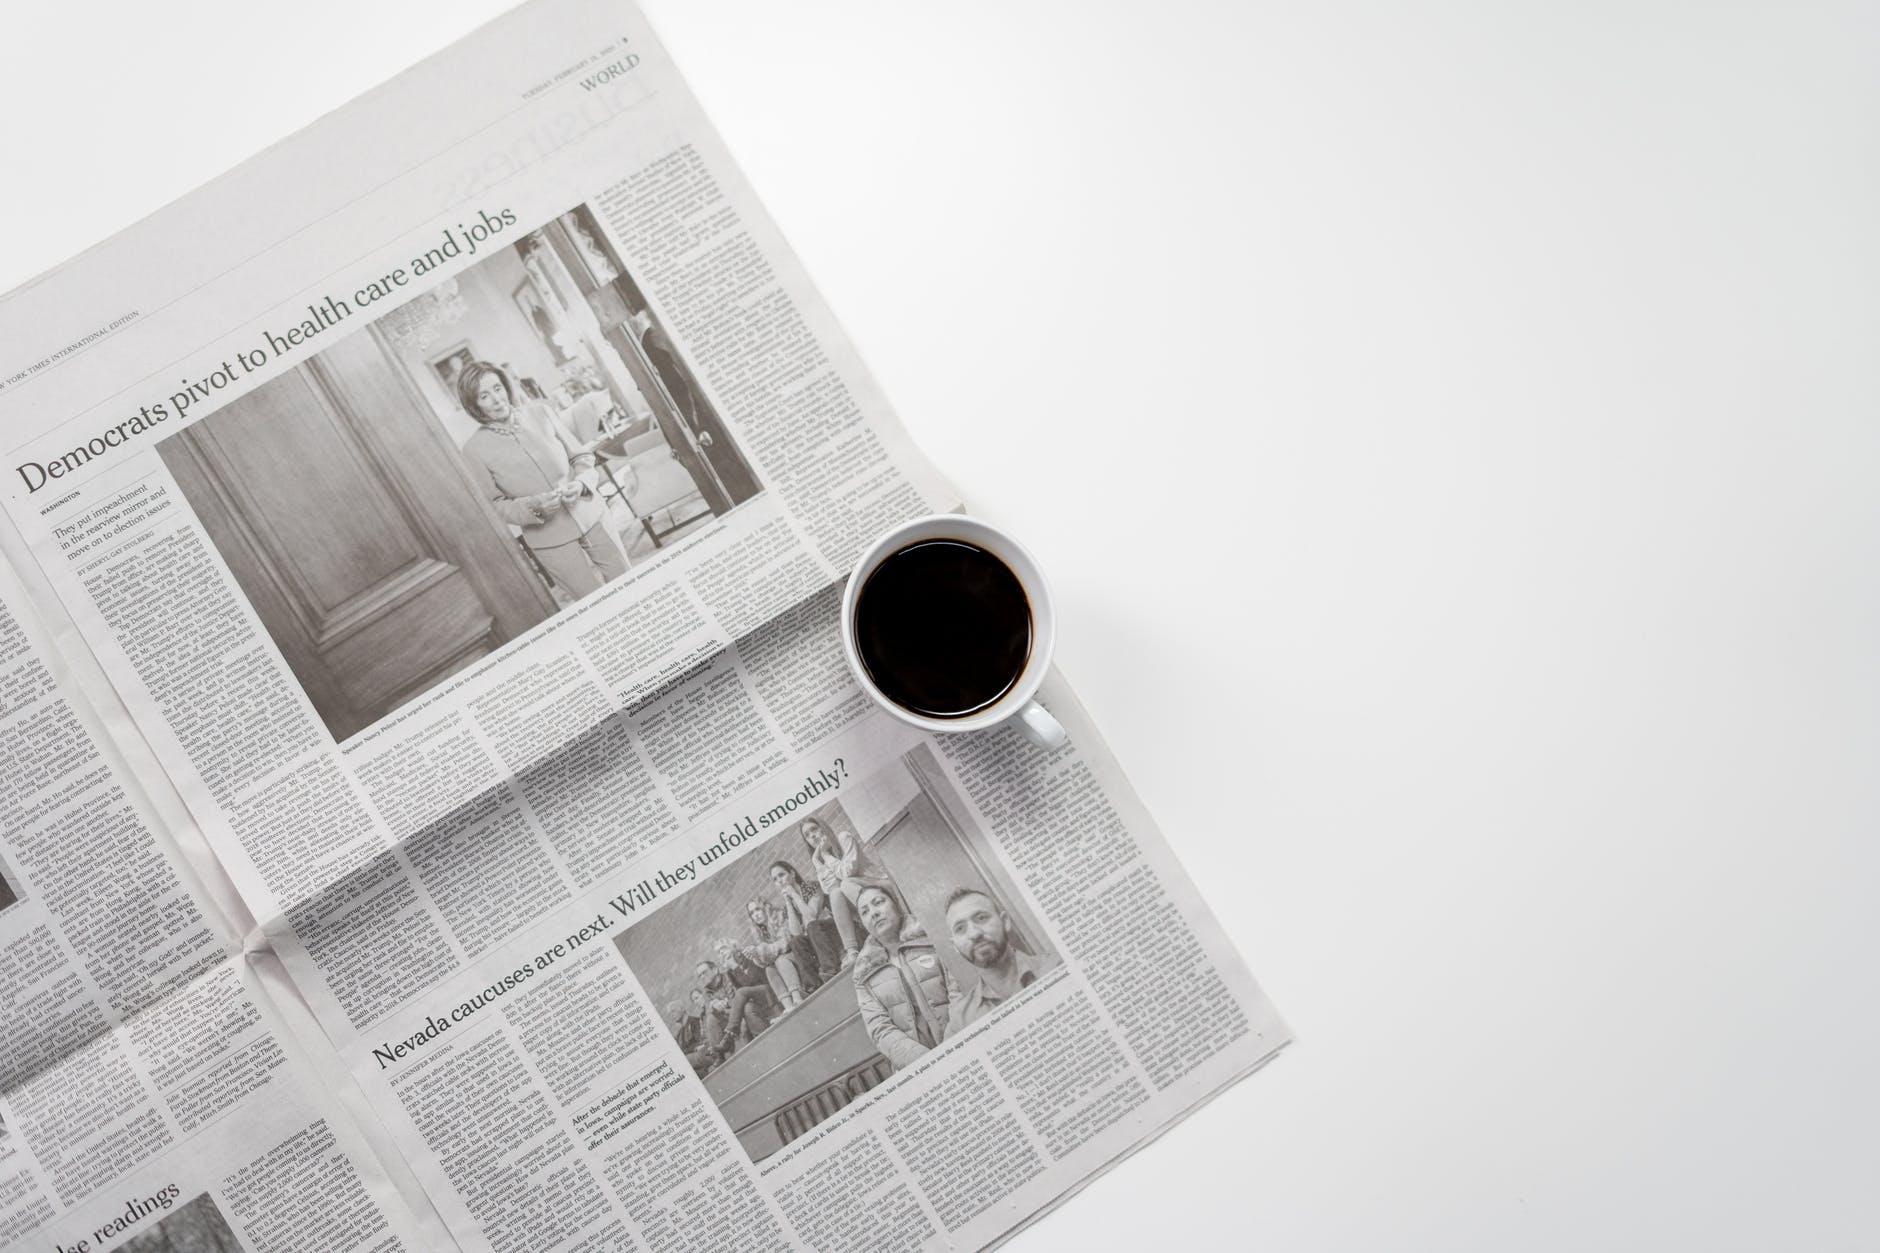 กาแฟสด 1 ถ้วย ตั้งอยู่บนหนังสือพิมพ์